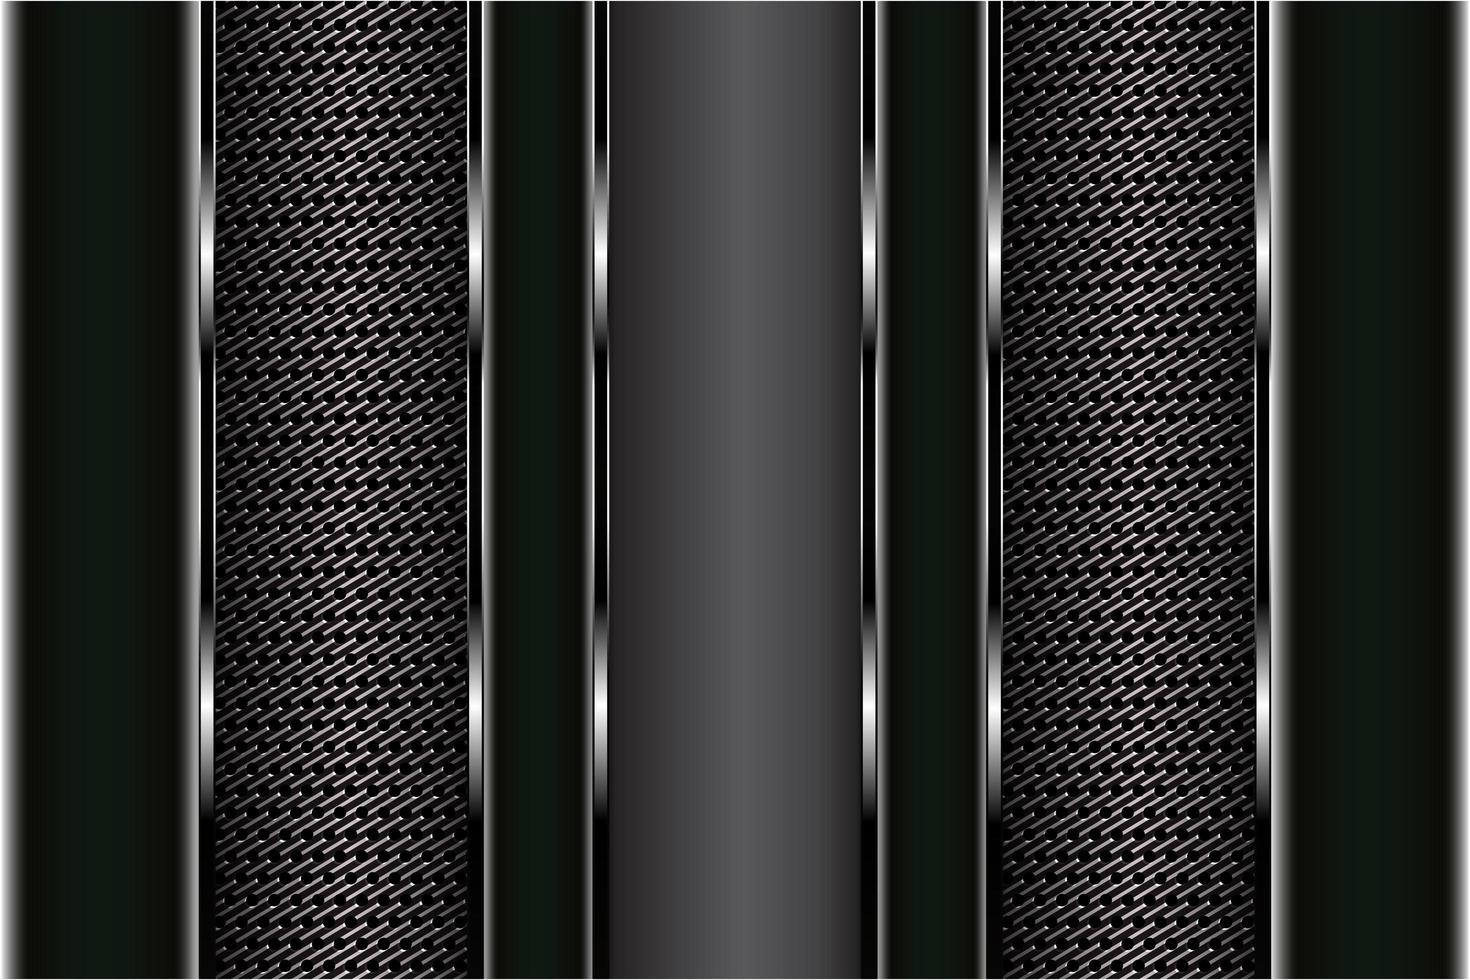 panneaux de texture en fibre de carbone et noir métallisé vecteur